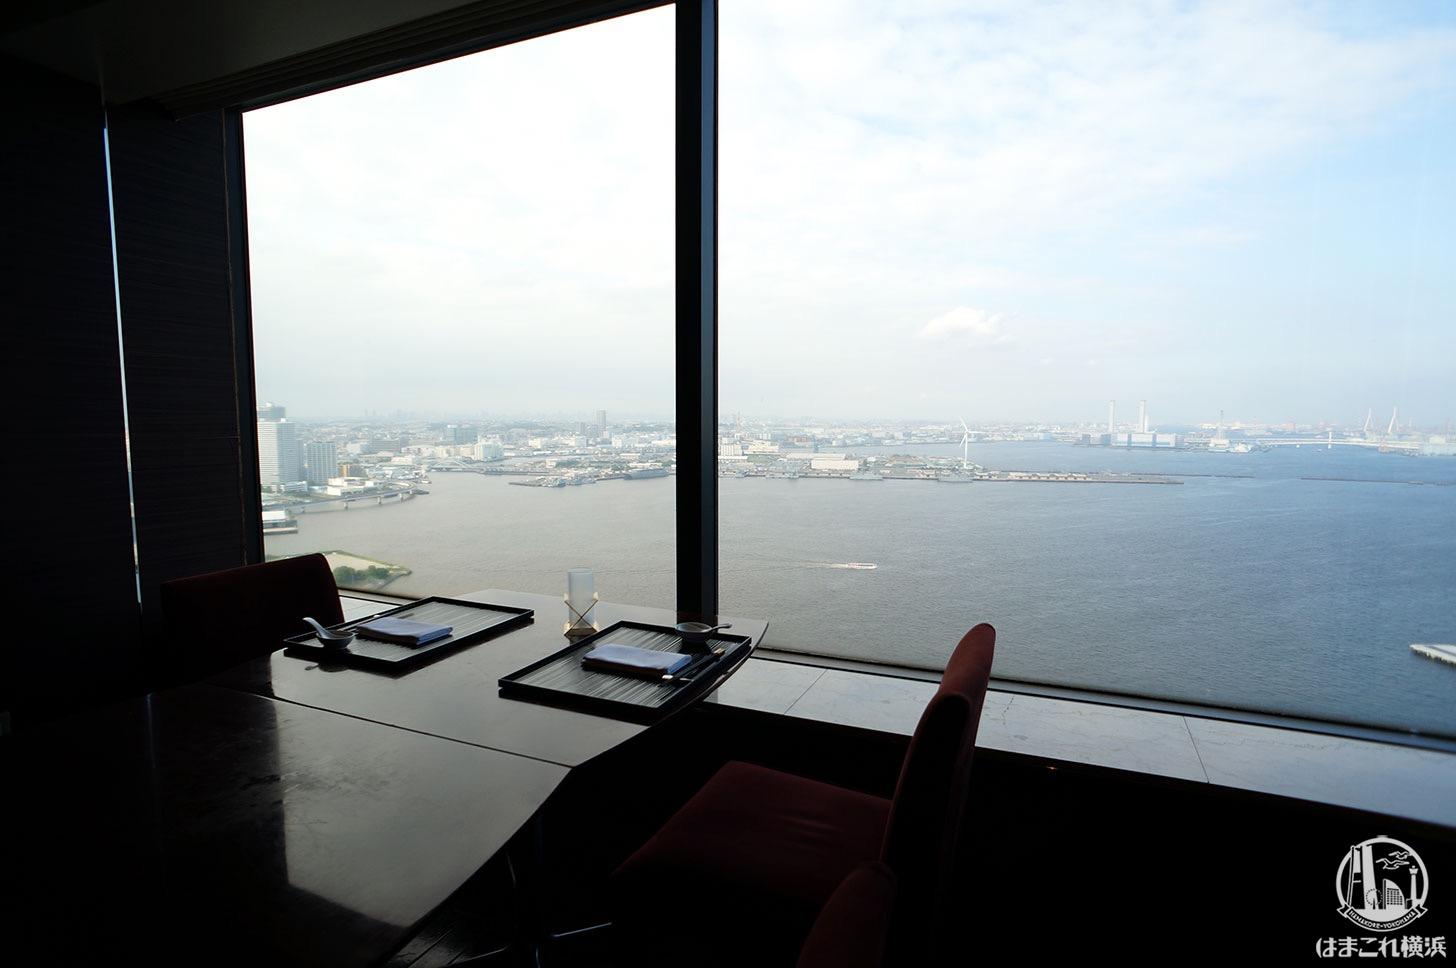 カリュウ 窓側席からの景色